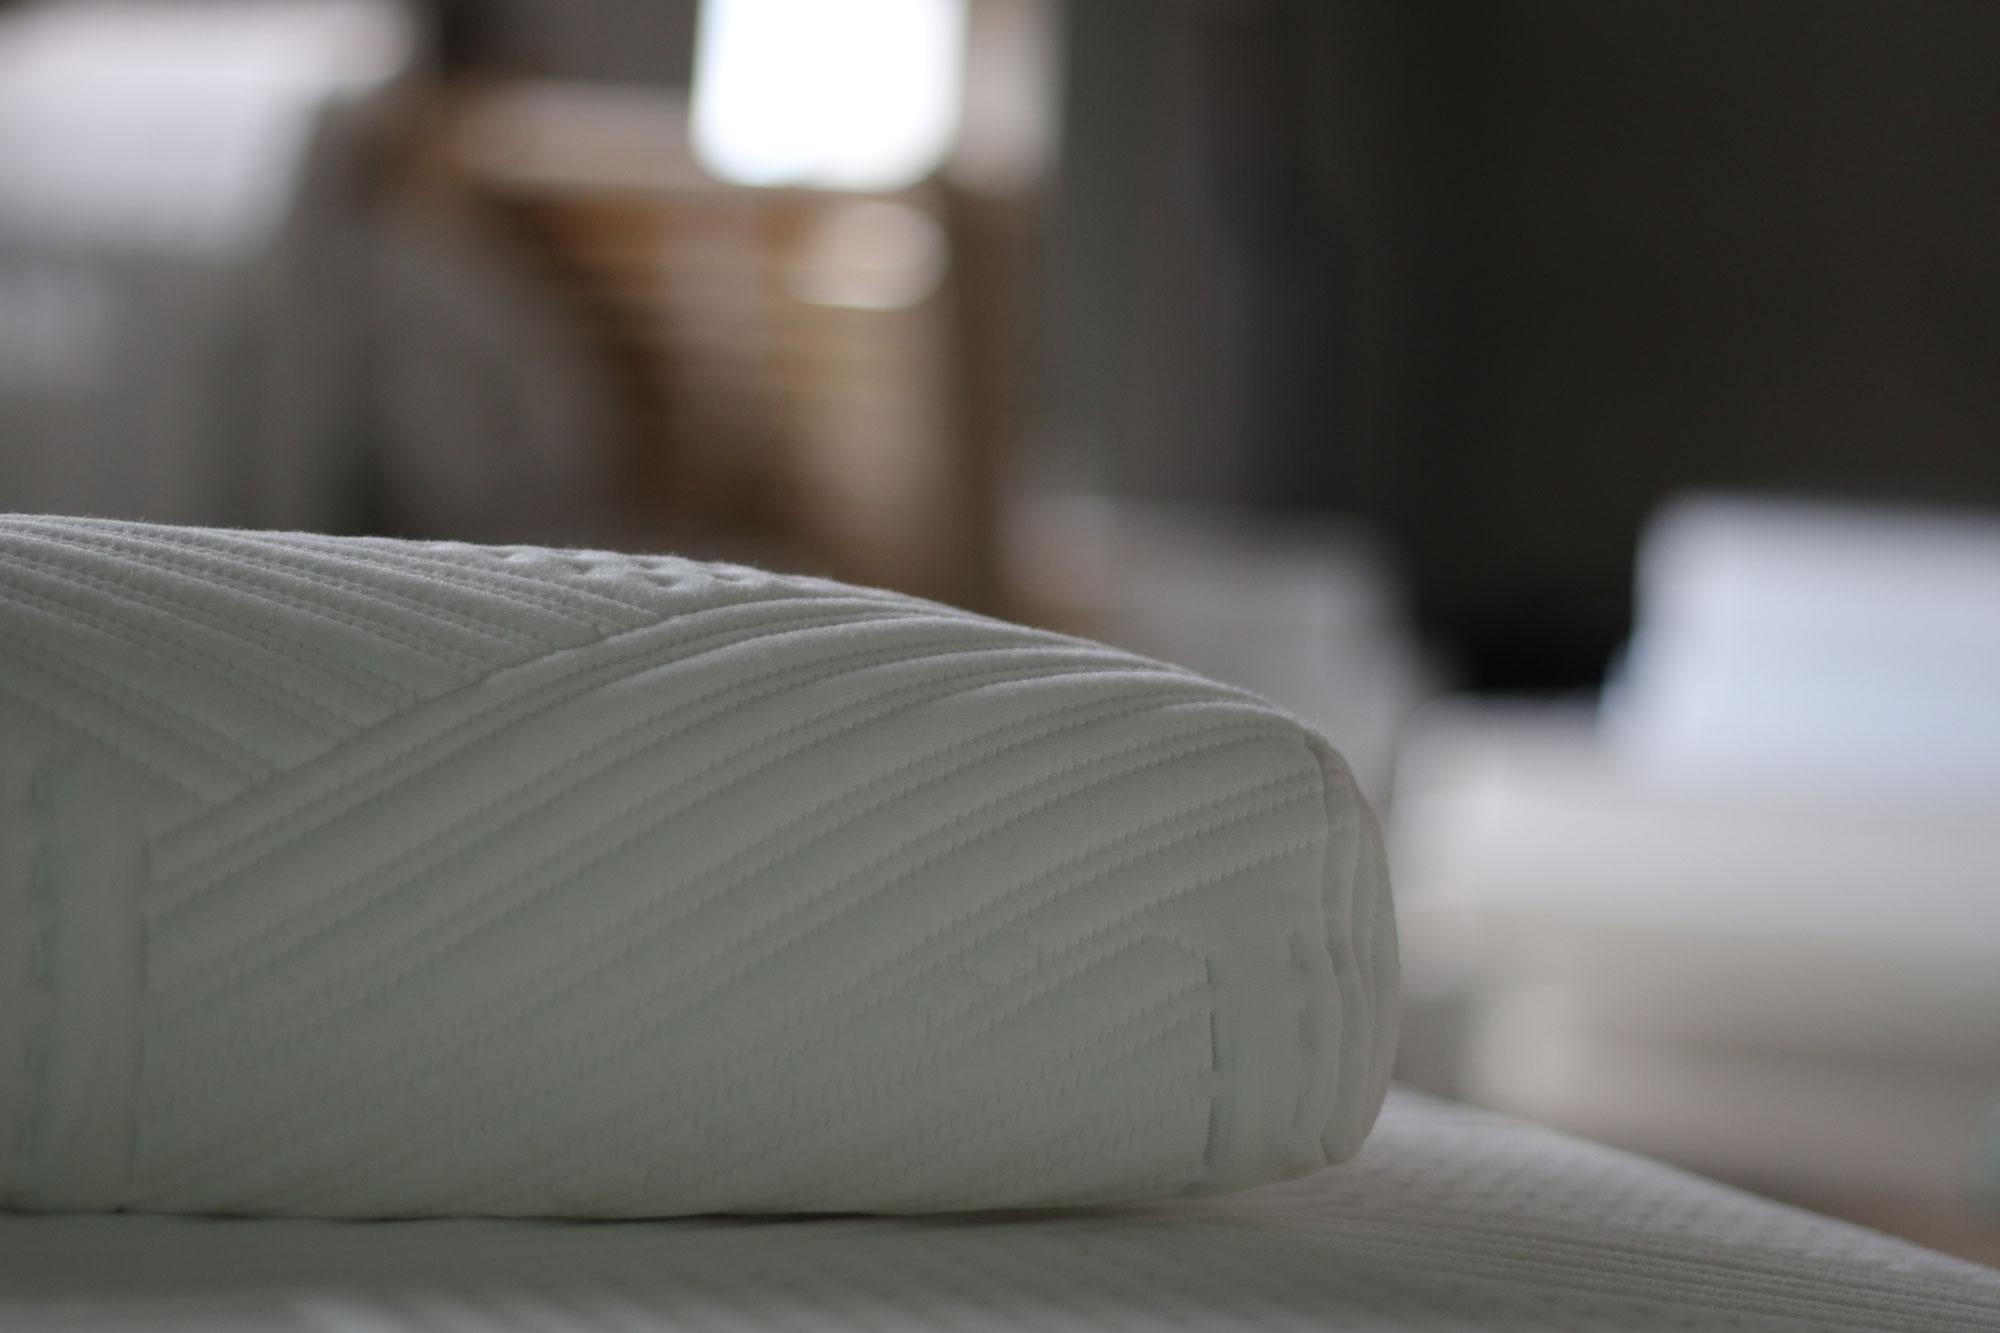 Medico madraci: Osiguraj gostima dobar san za pun apartman svaki dan